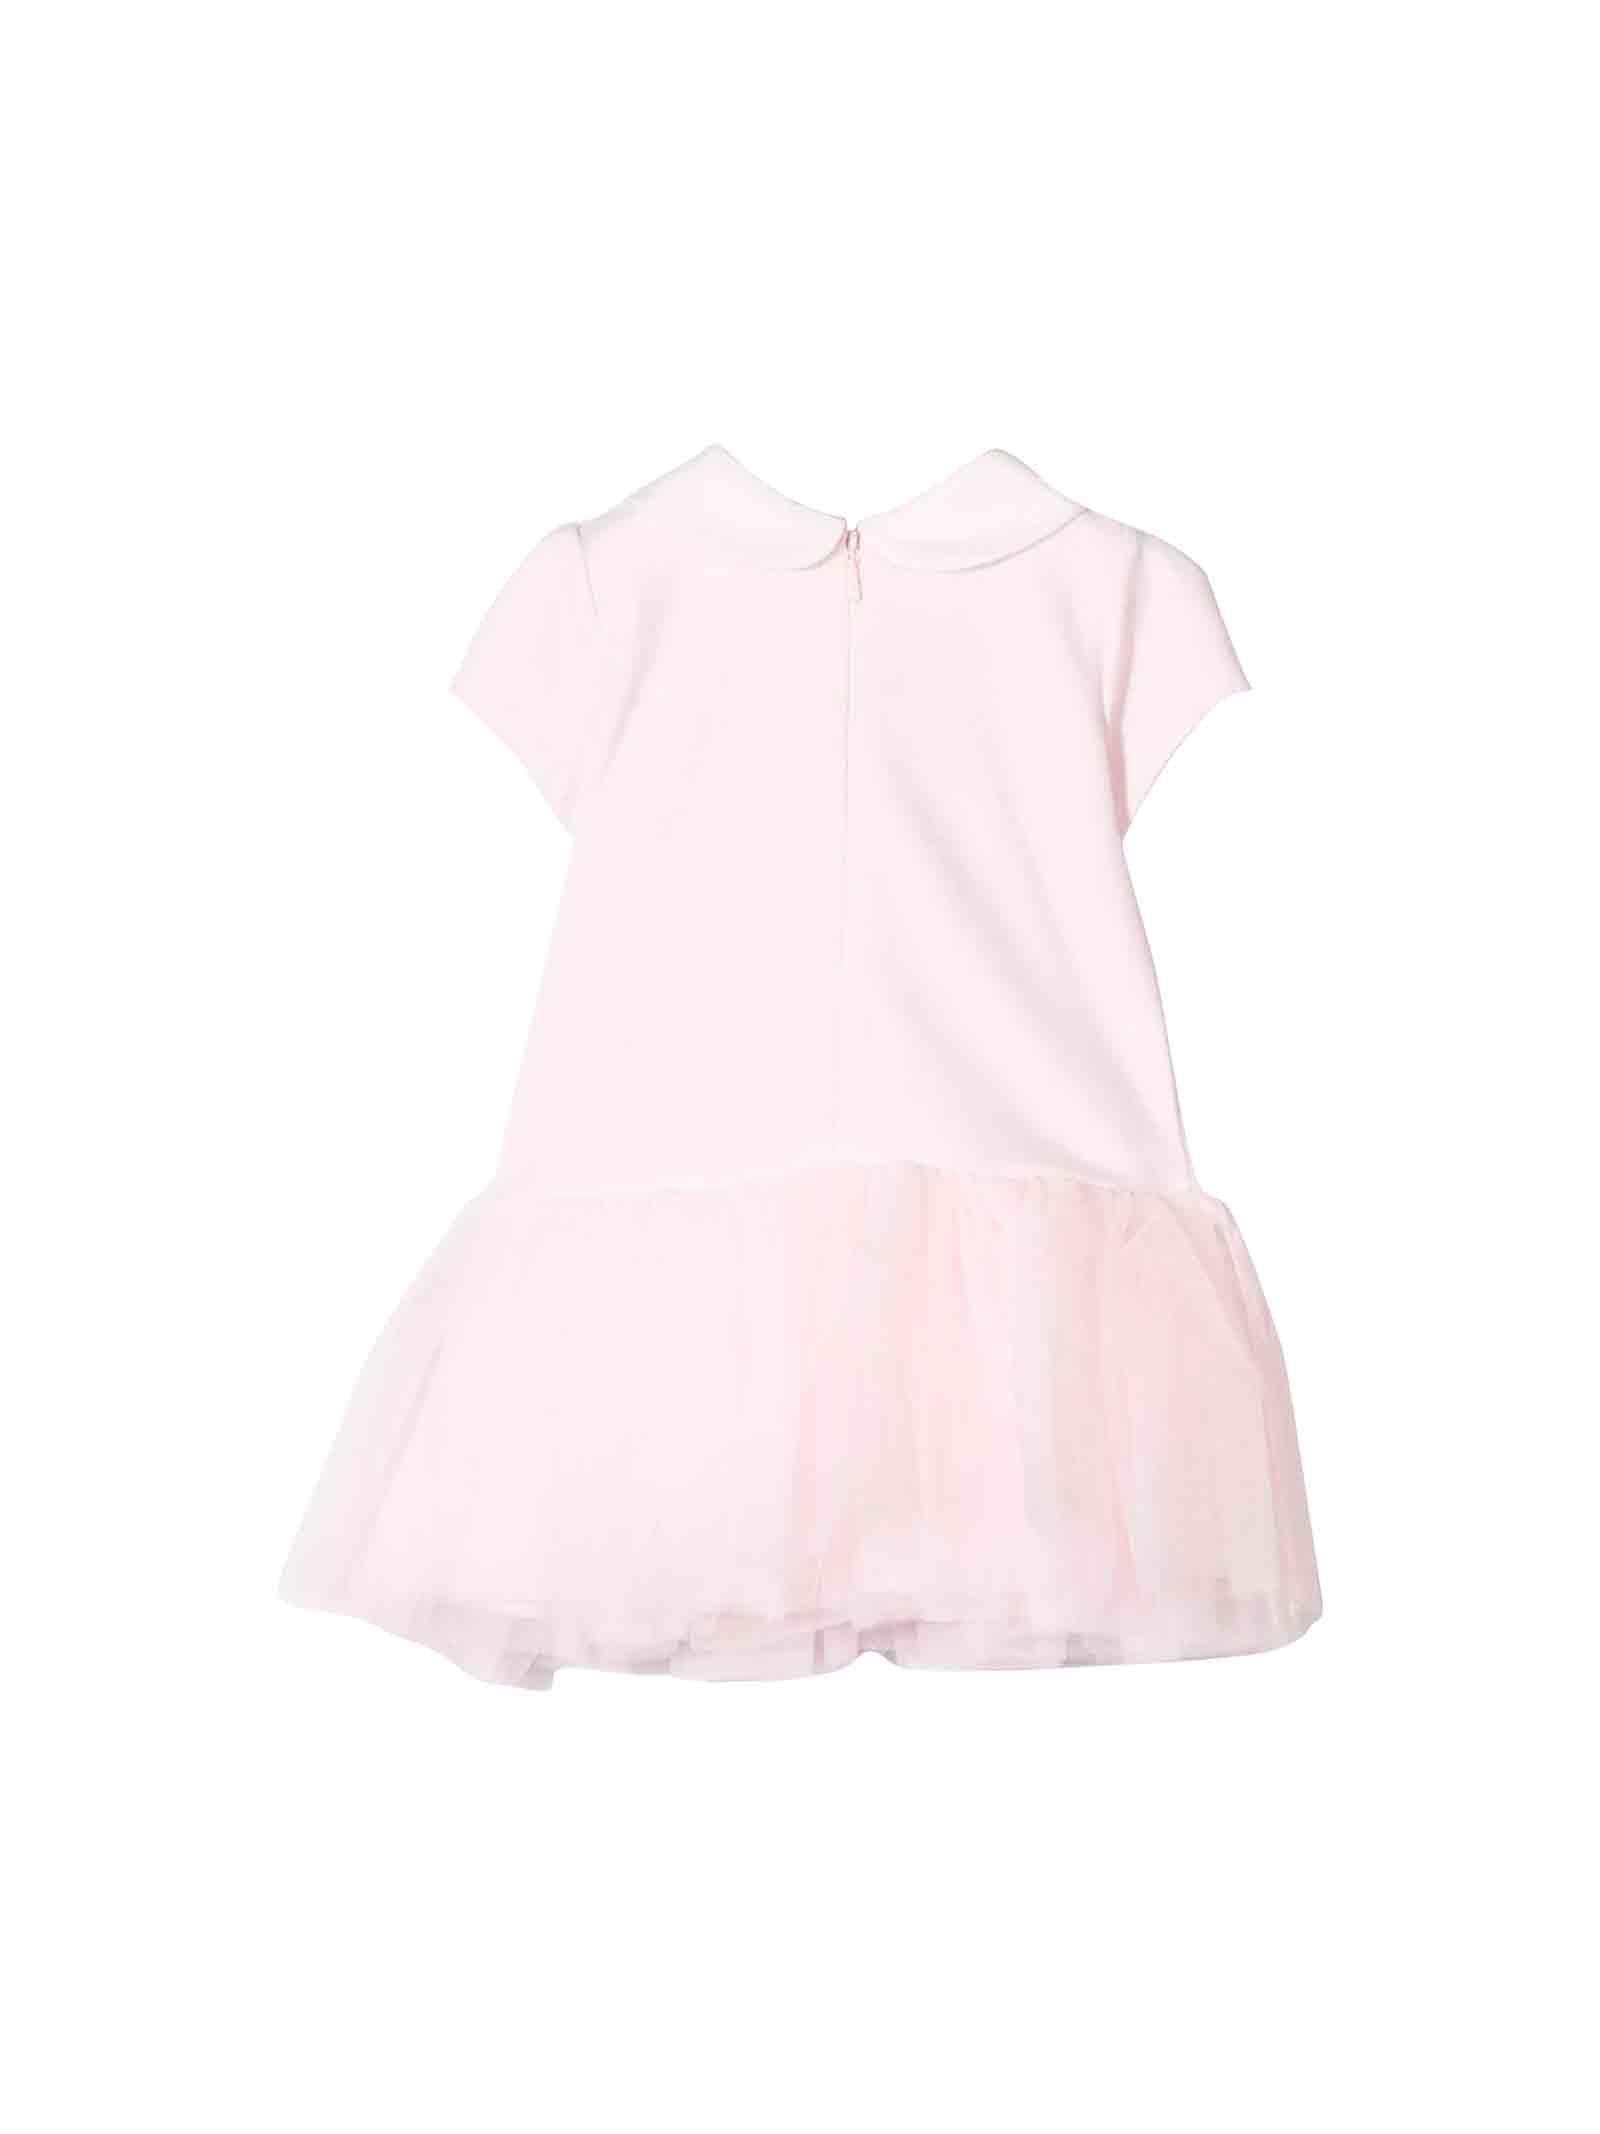 the latest 0b749 b6e2d Abito rosa neonata Monnalisa kids